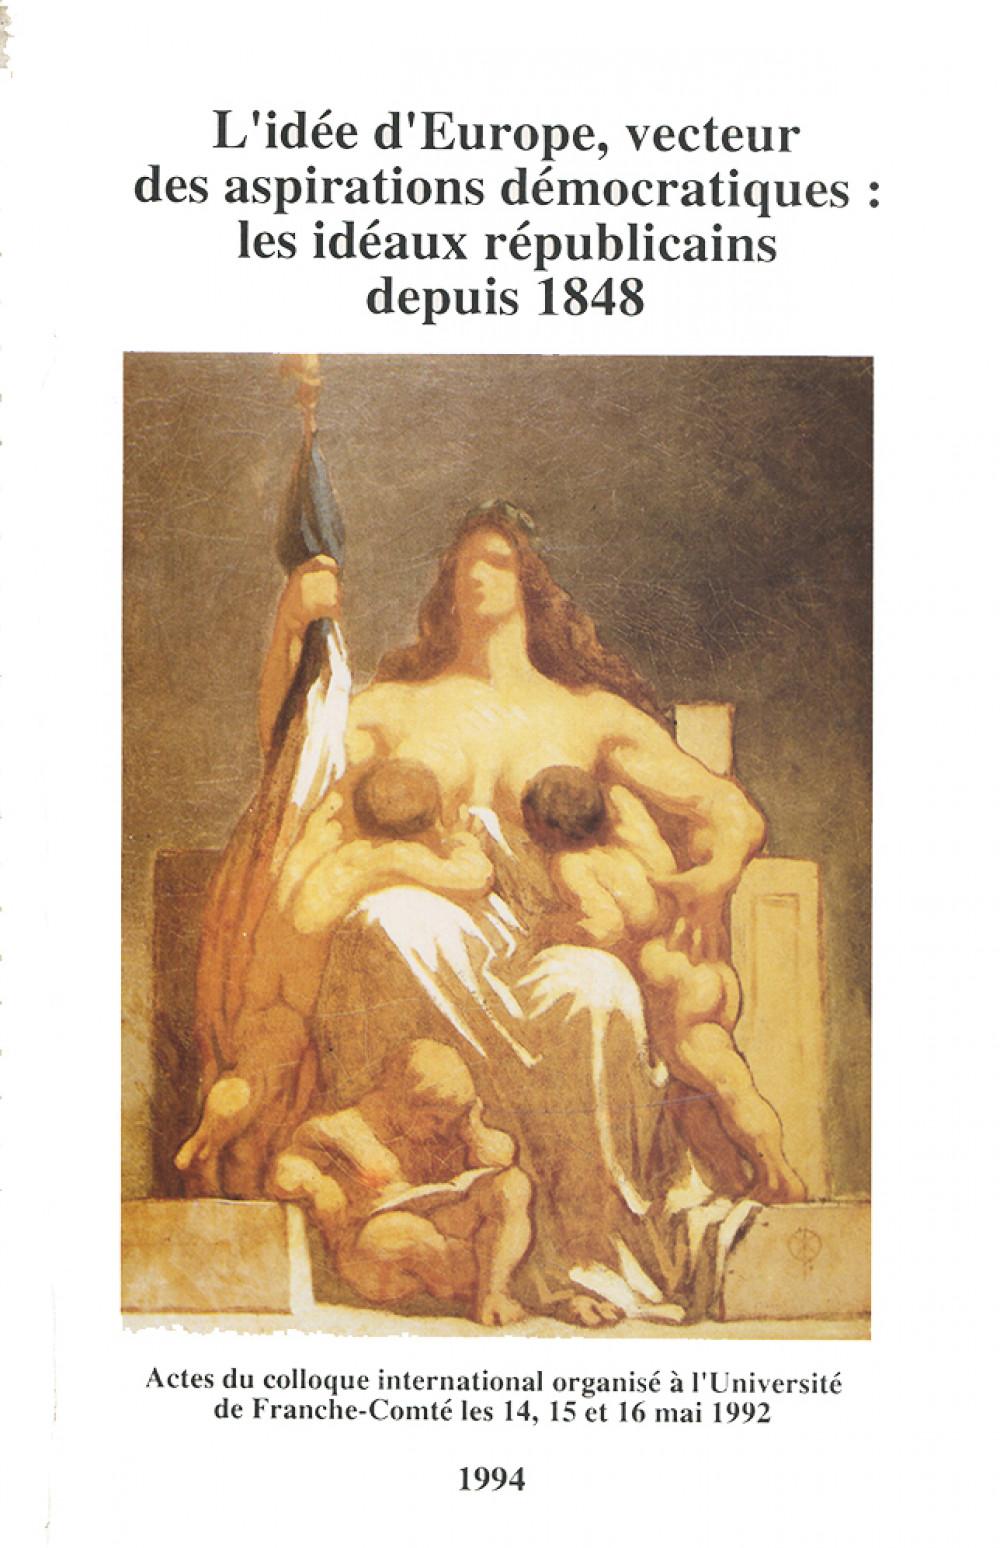 L'idée d'Europe, vecteur des aspirations démocratiques : les idéaux républicains depuis 1848